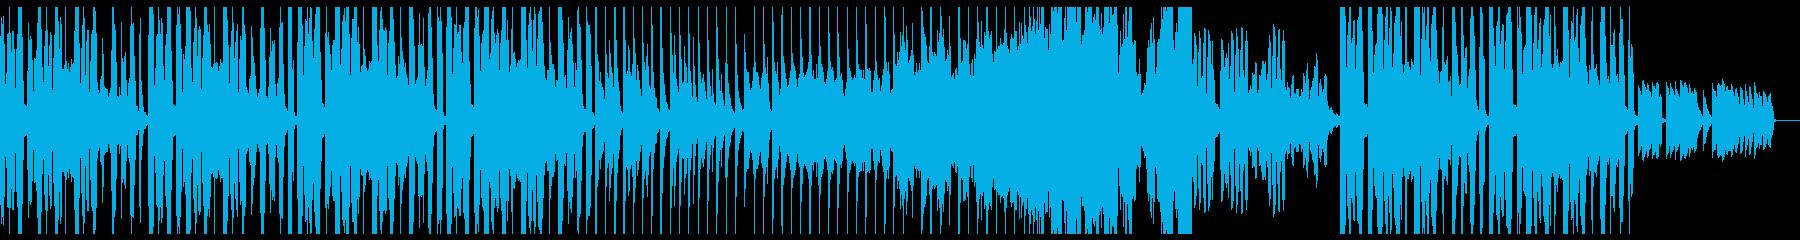 ハロウィン向け少しコミカルなBGMの再生済みの波形